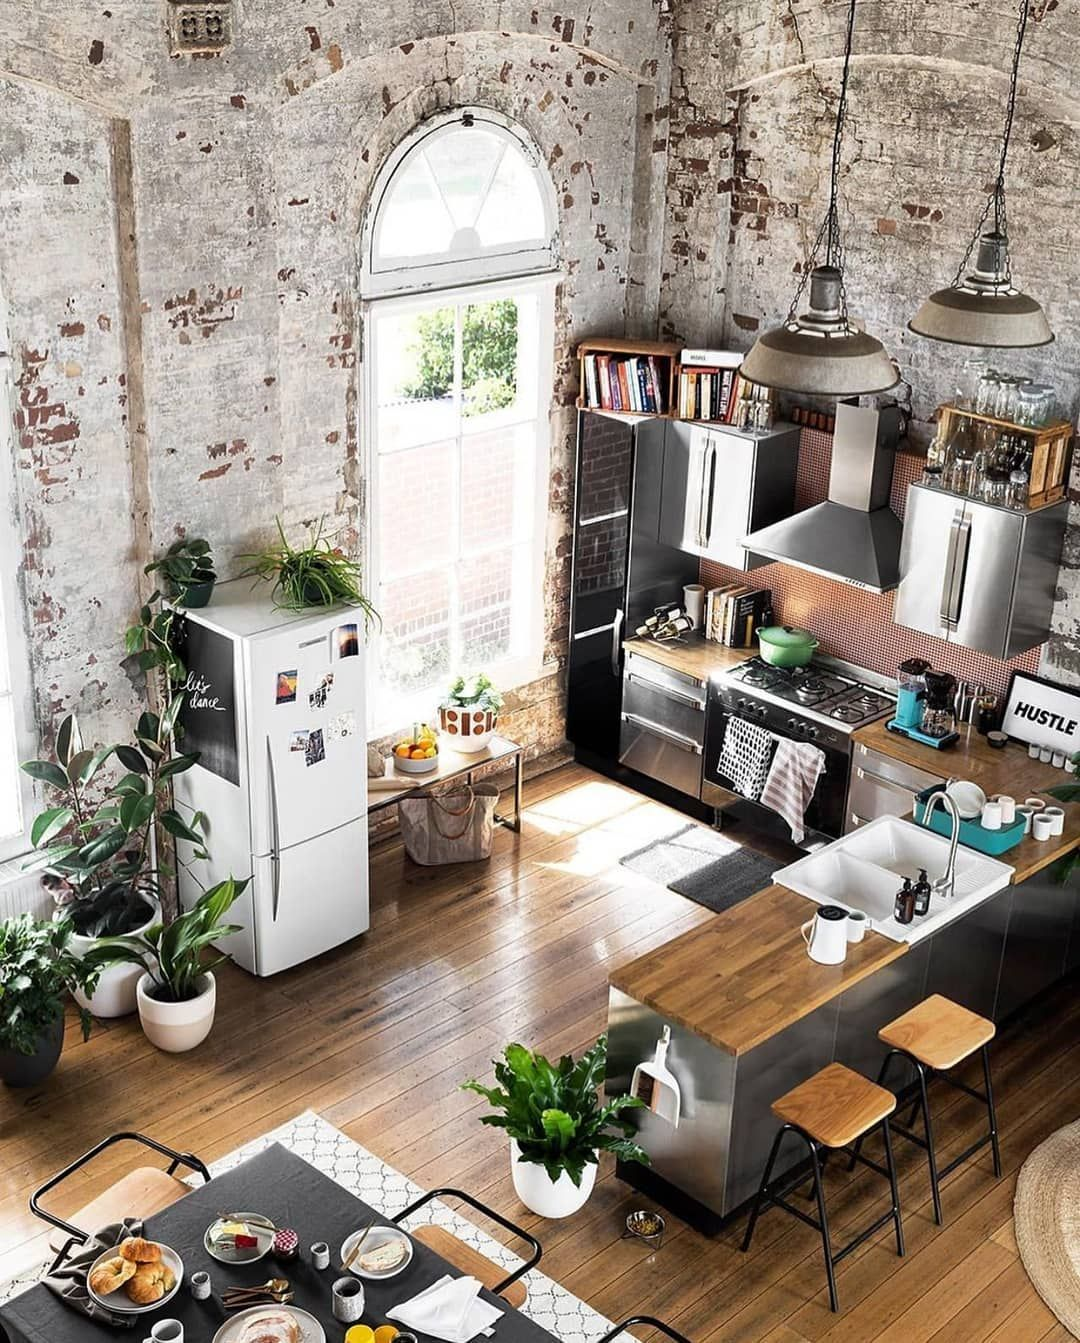 Desain Interior Dapur Dan Ruang Makan Minimalis Tanpa Sekat Dengan Sentuhan Industrial Chic Yang Nengesankan Gaya Rust Home Decor Websites Home Interior Design